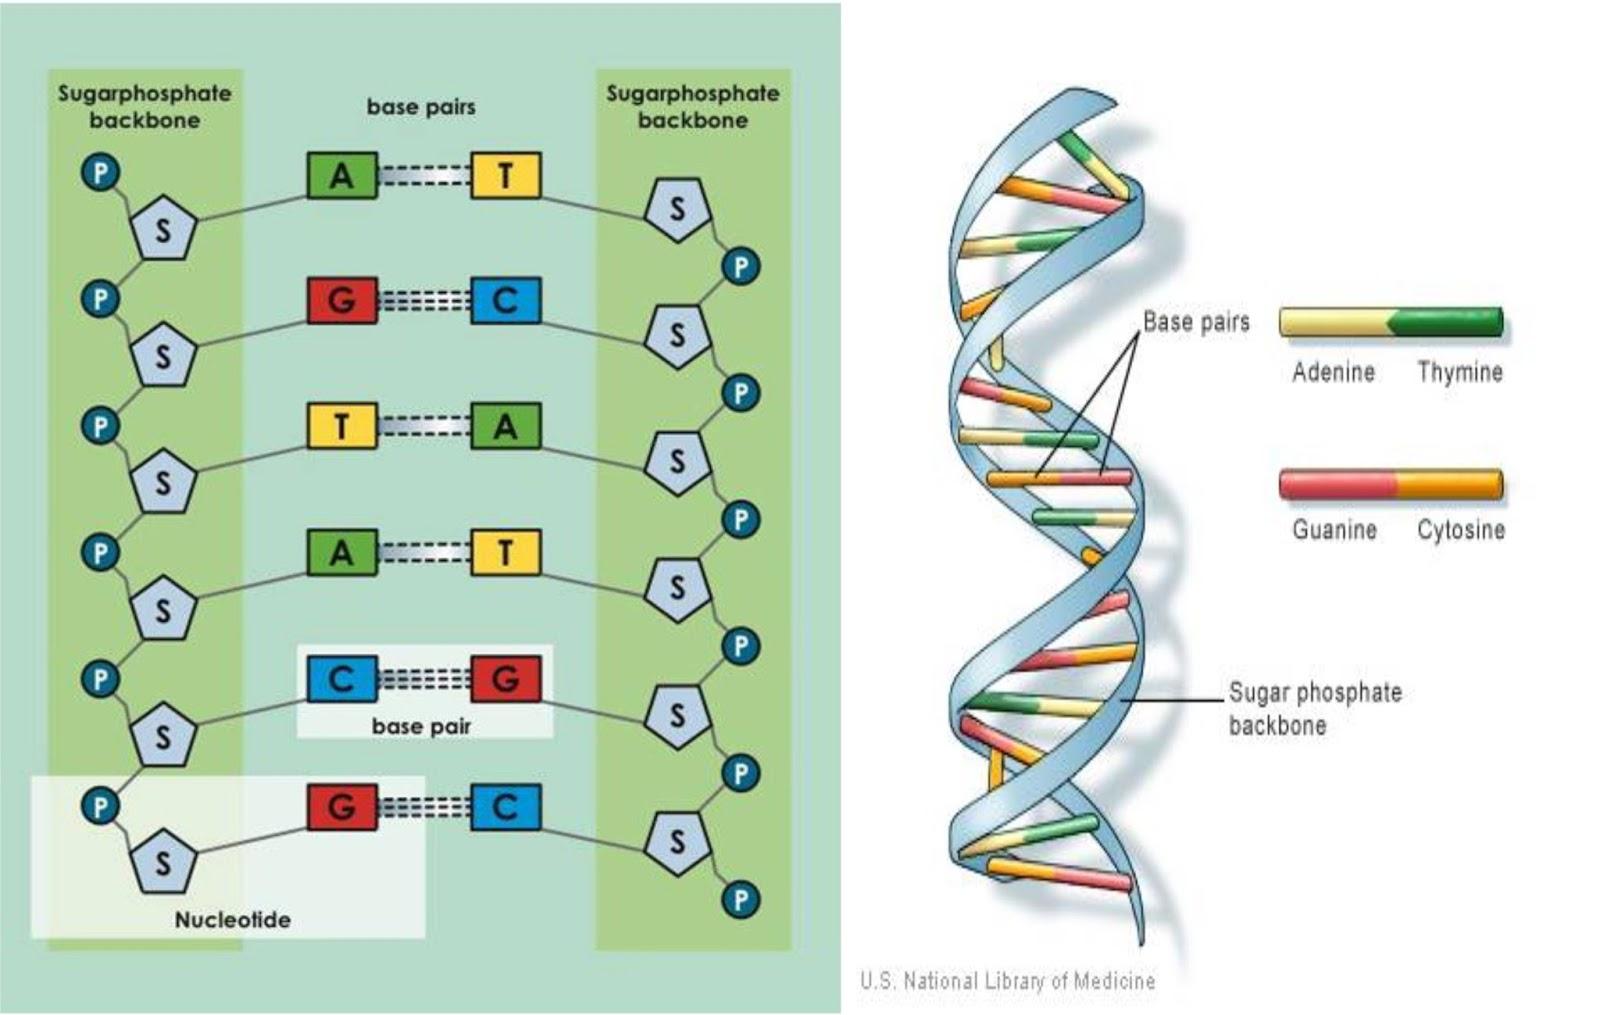 Pengertian struktur fungsi dan replikasi dna ilmu pengetahuan struktur dna ccuart Images